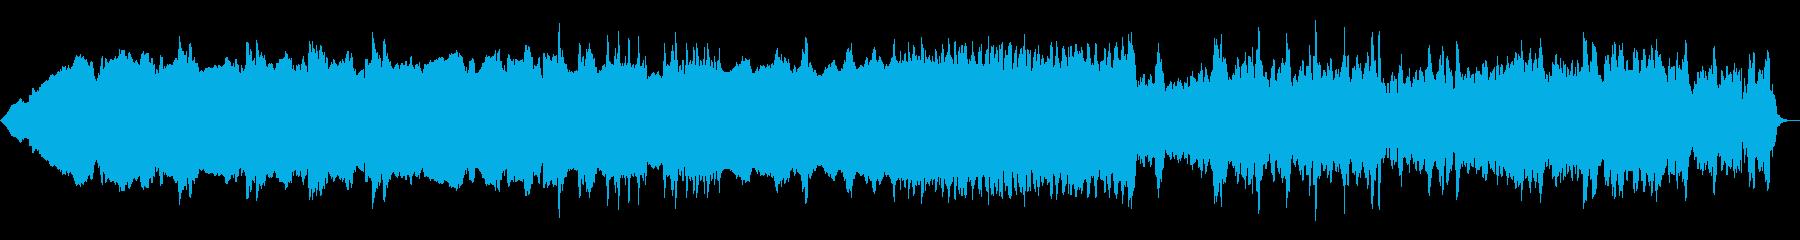 ショートミュージックチューン、外国...の再生済みの波形